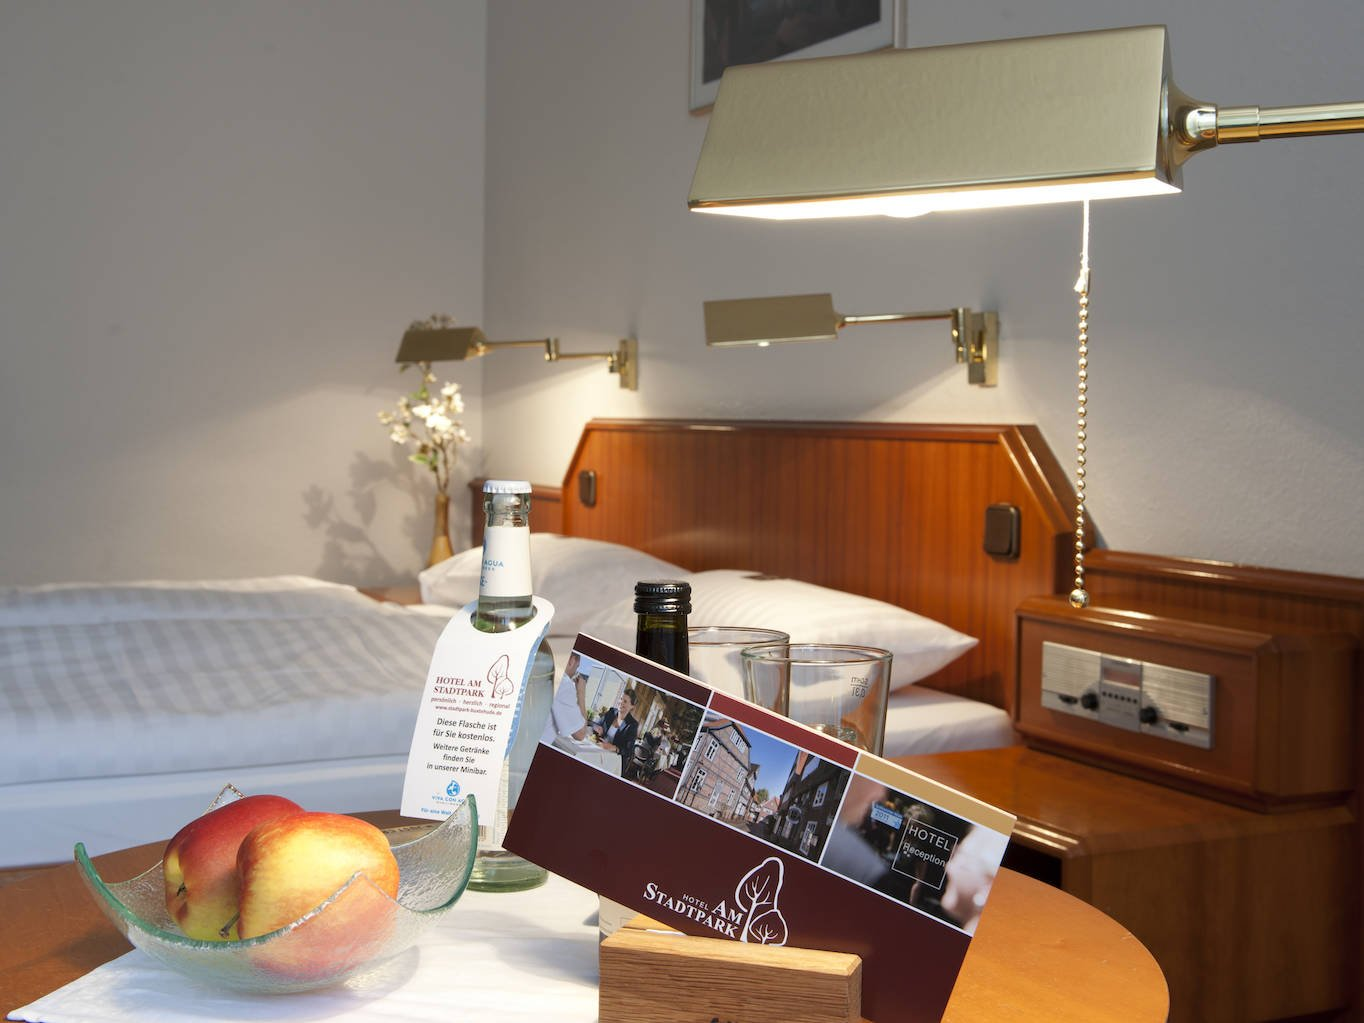 Zimmer Hotel am Stadtpark Buxtehude 6 uai